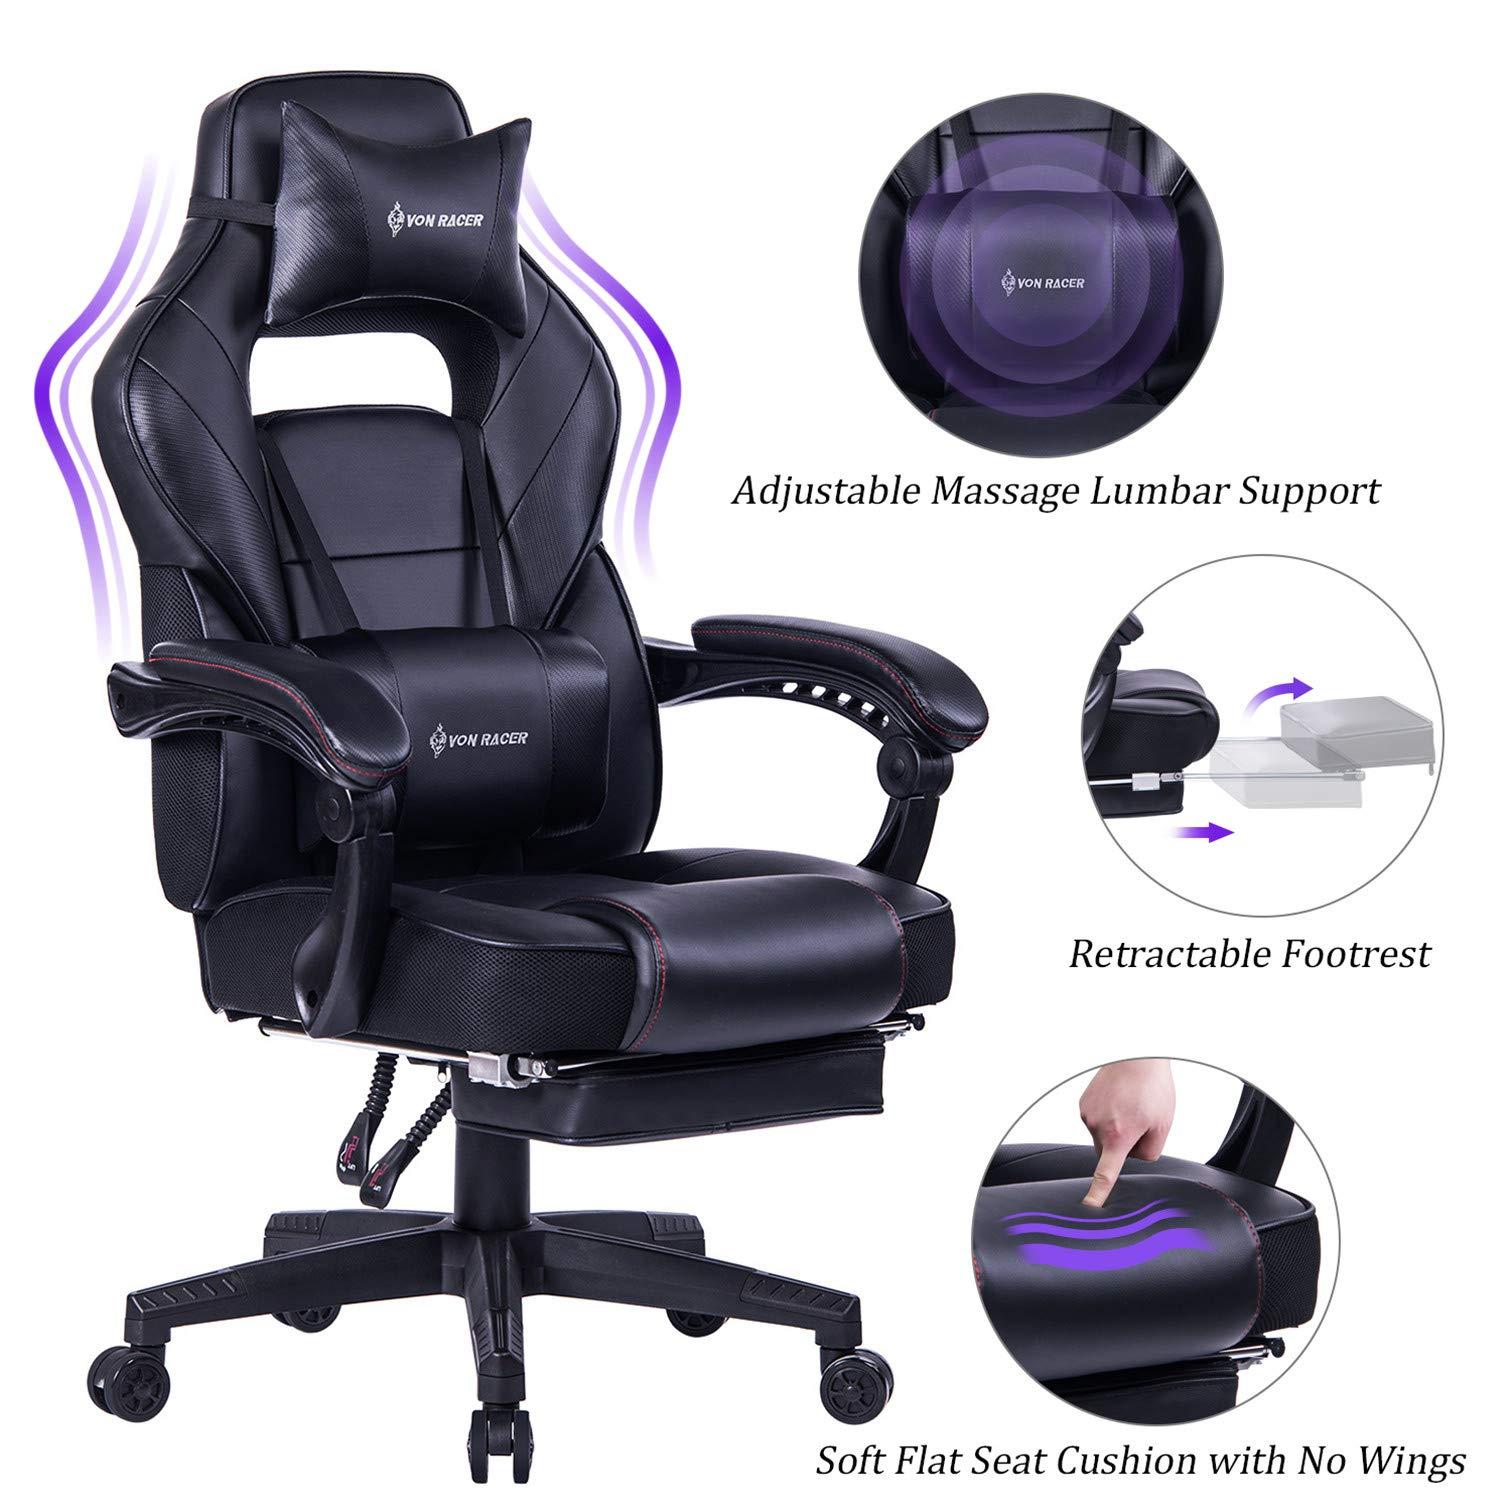 VON RACER Massage Reclining Gaming